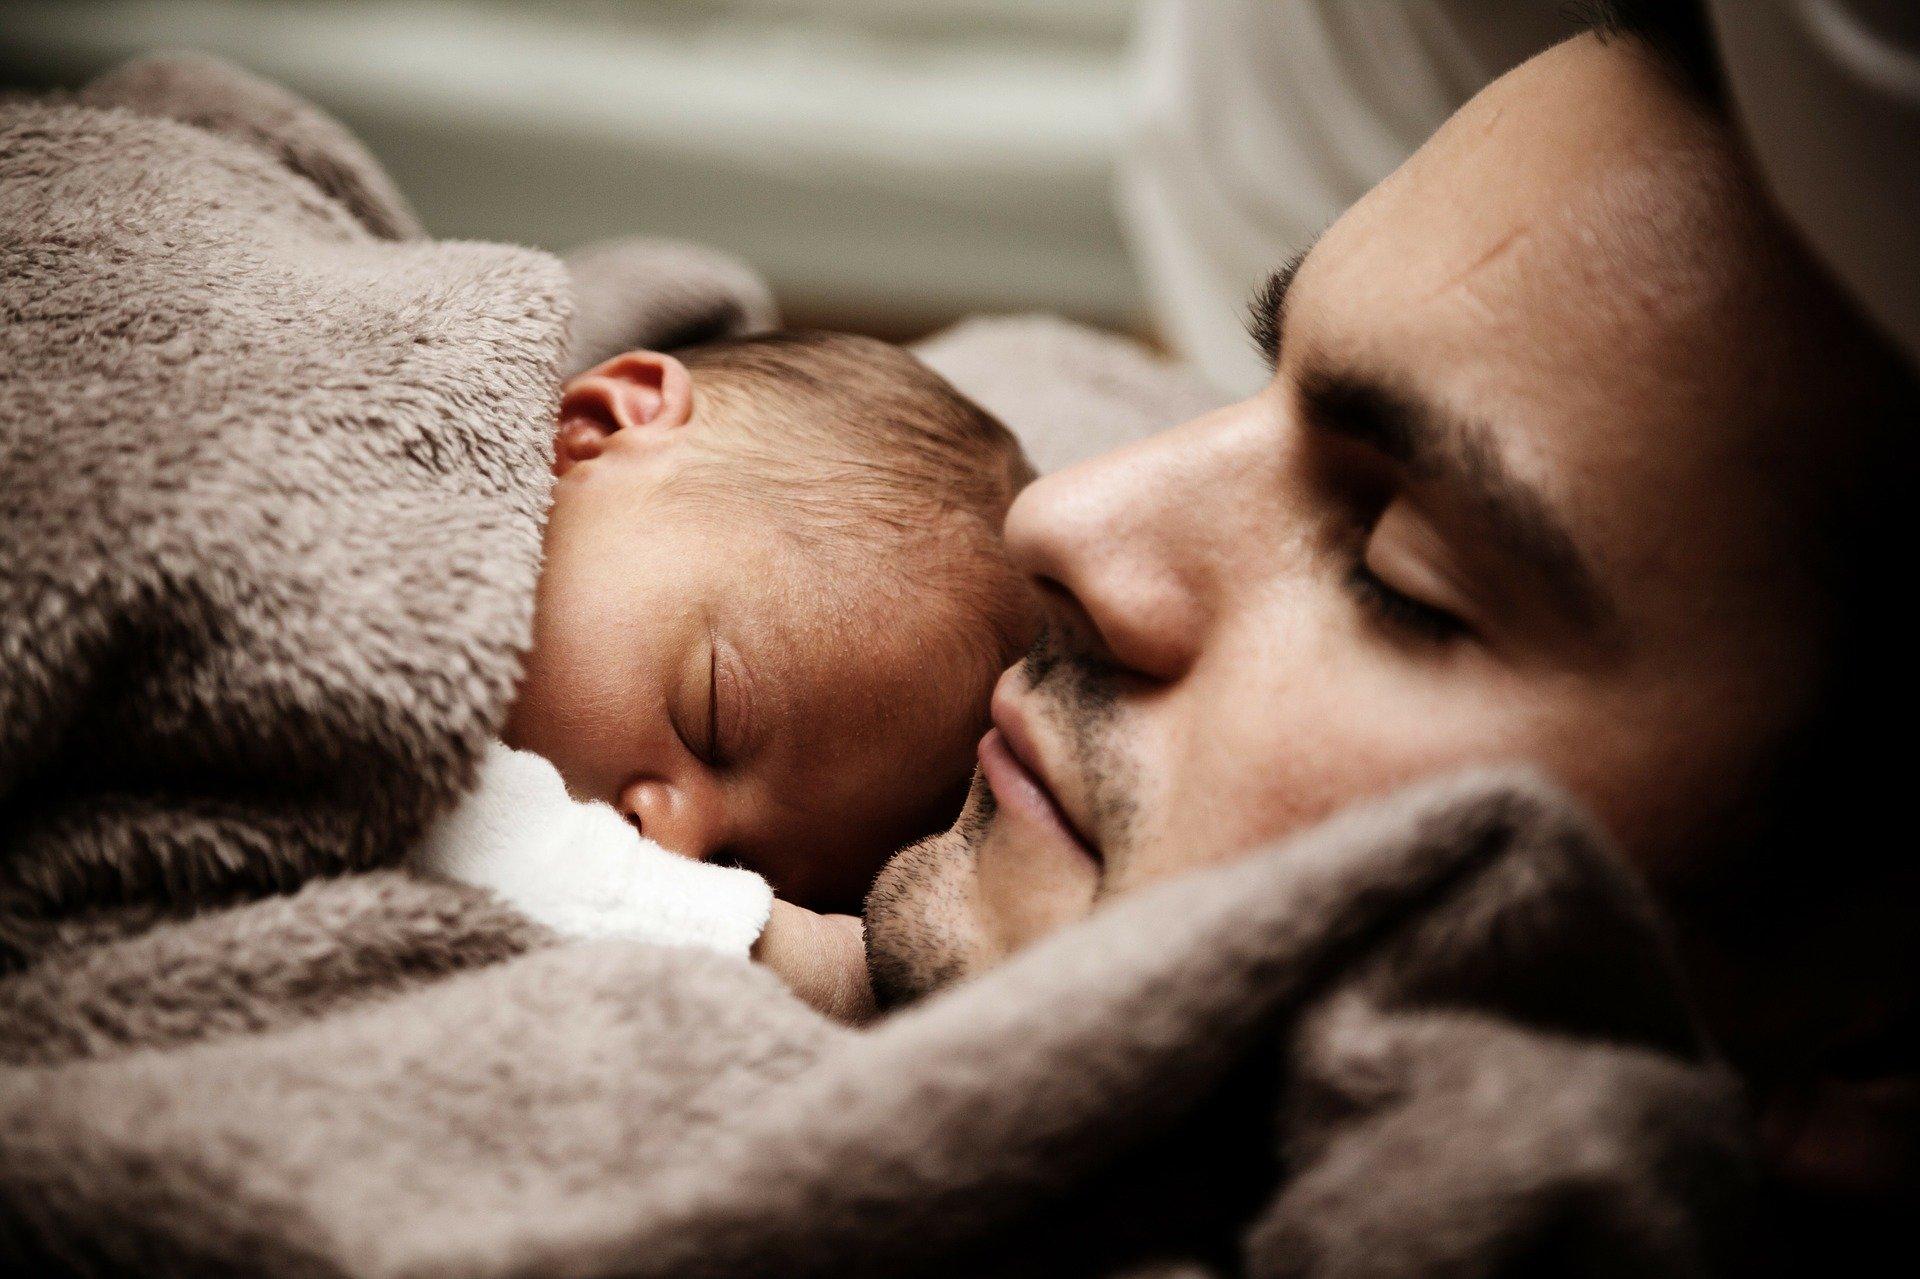 Quelle photo choisir pour un faire-part de naissance ?